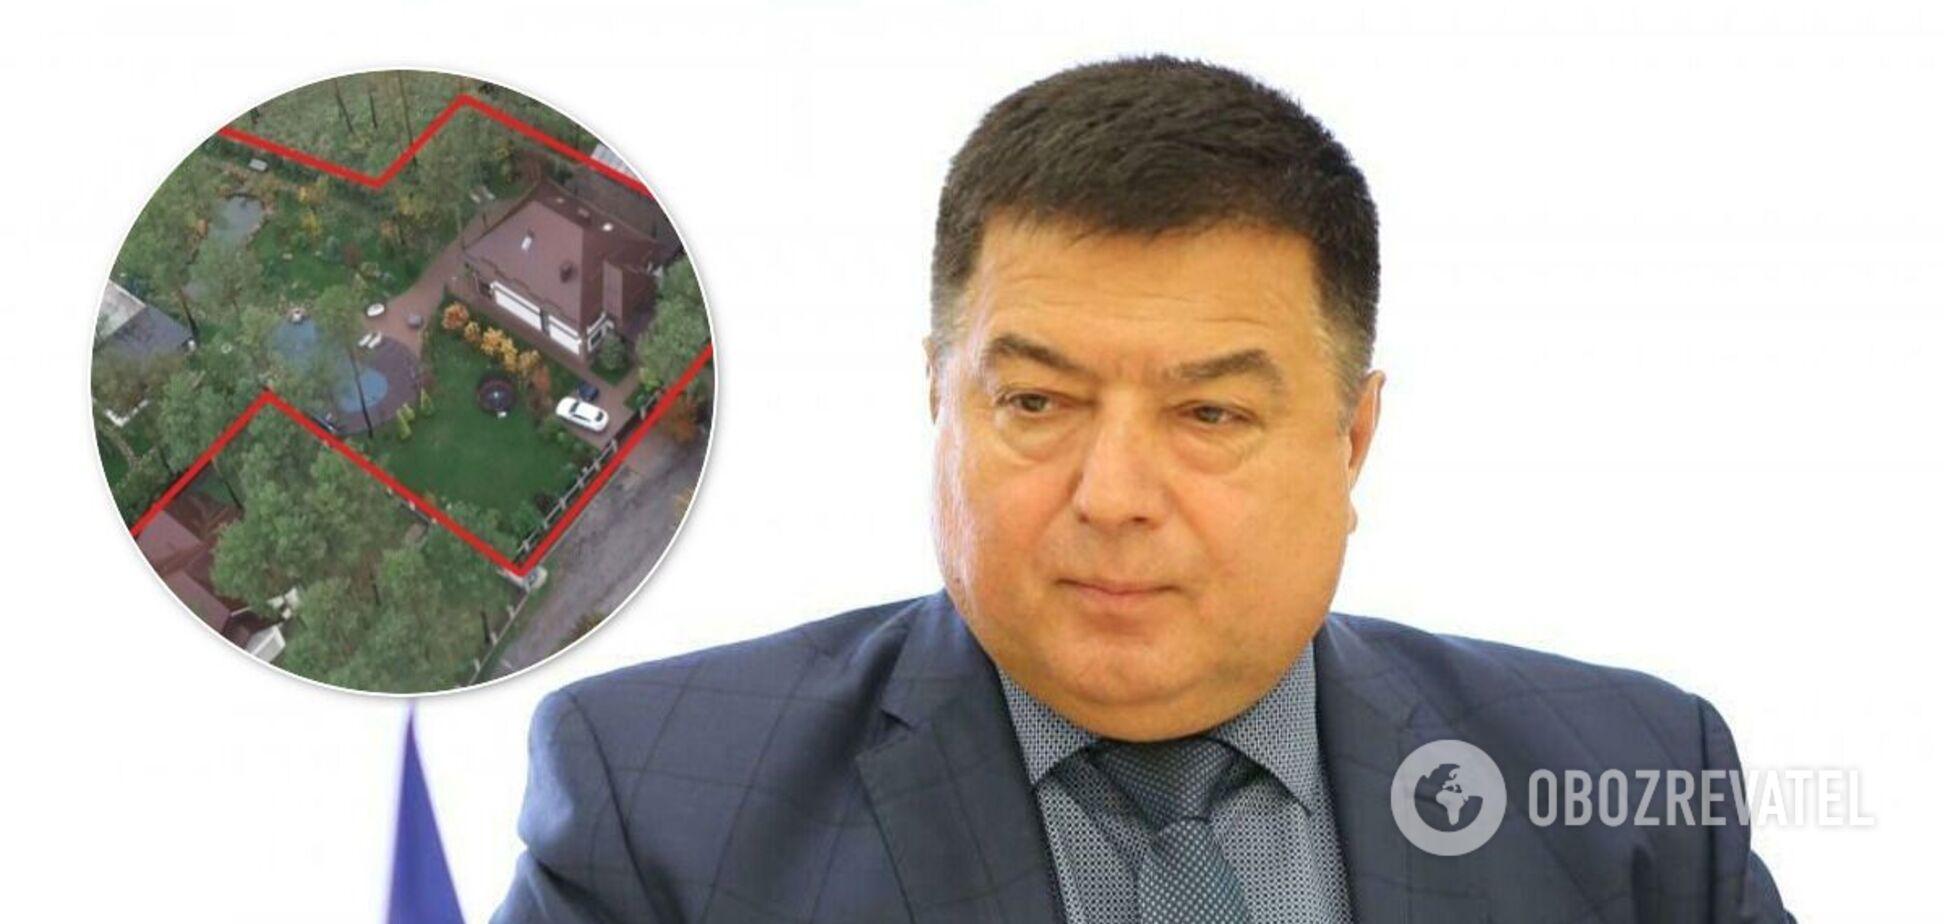 Тупицкий заявил, что теща купила дом под Киевом с продажи квартиры